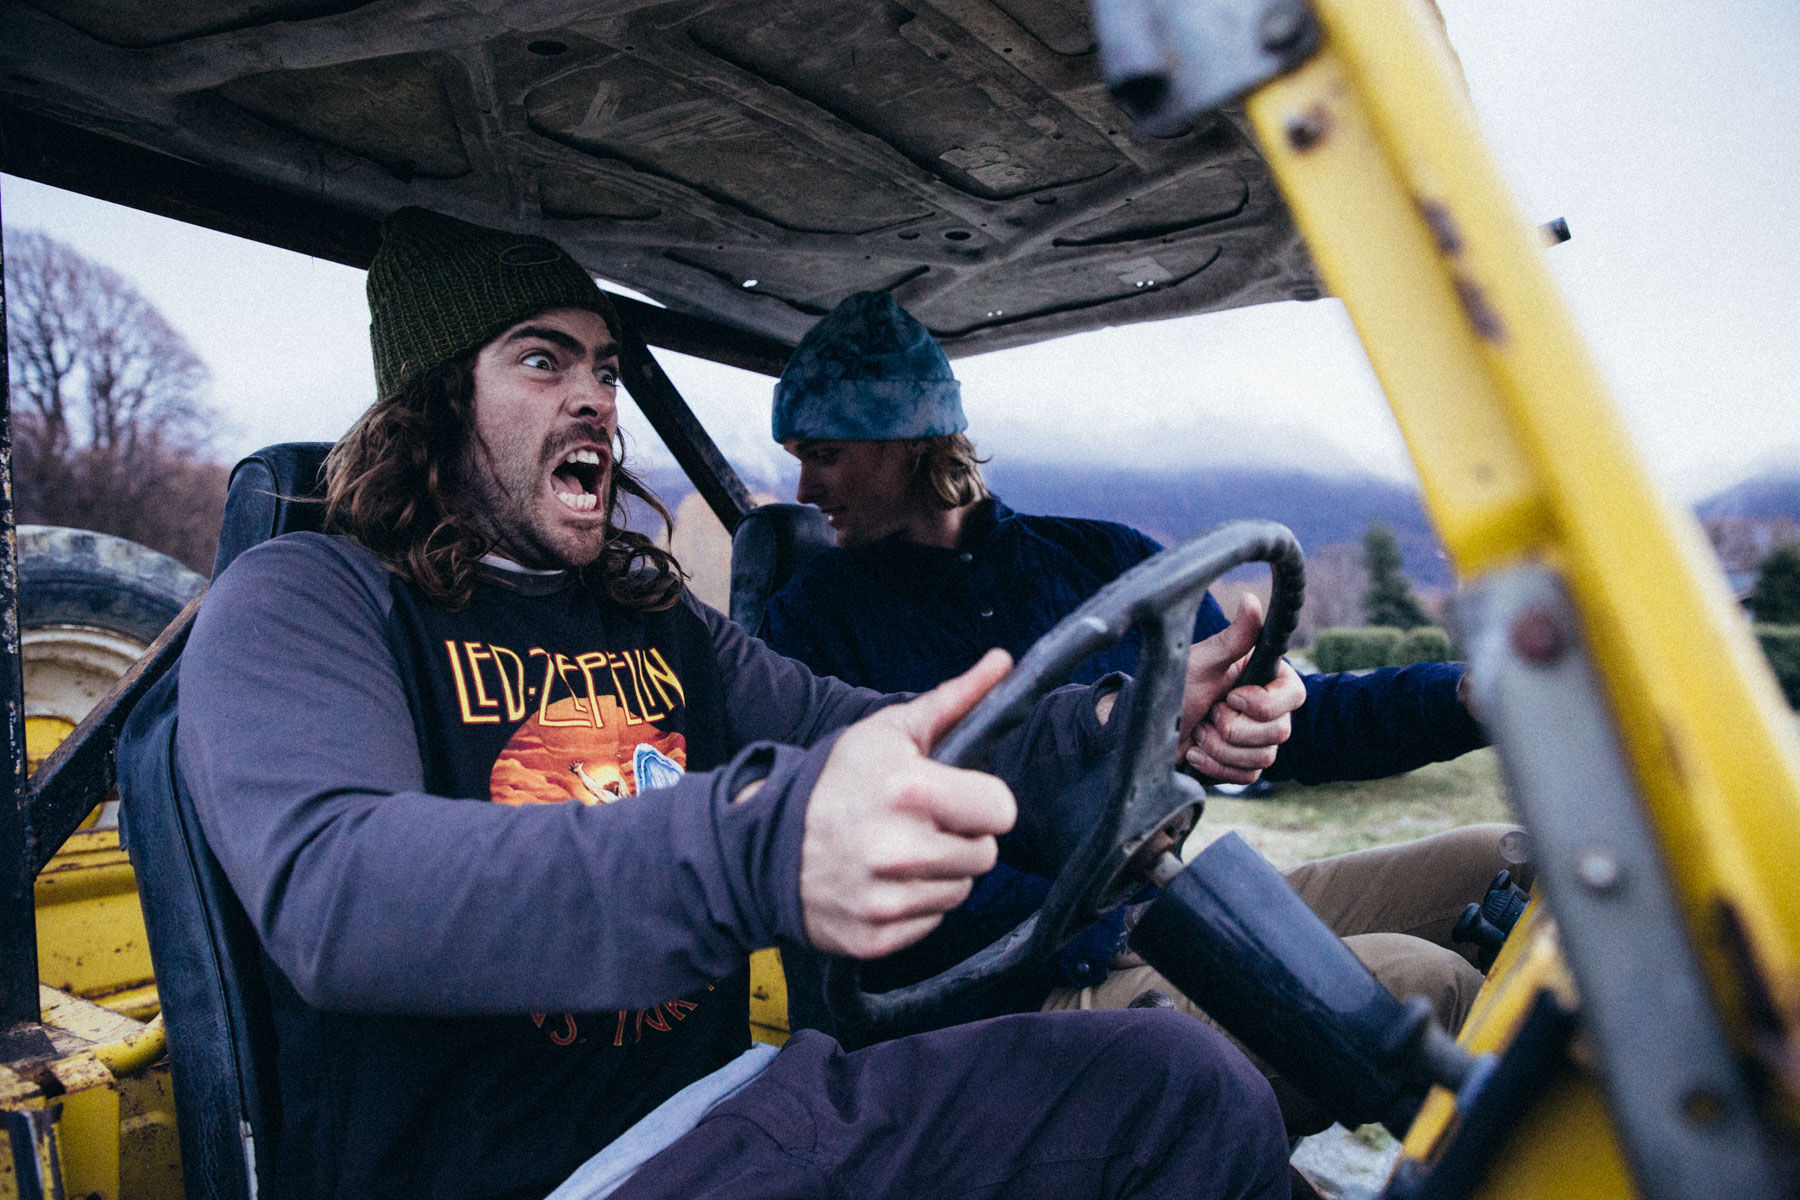 Danny Davis, Jeep